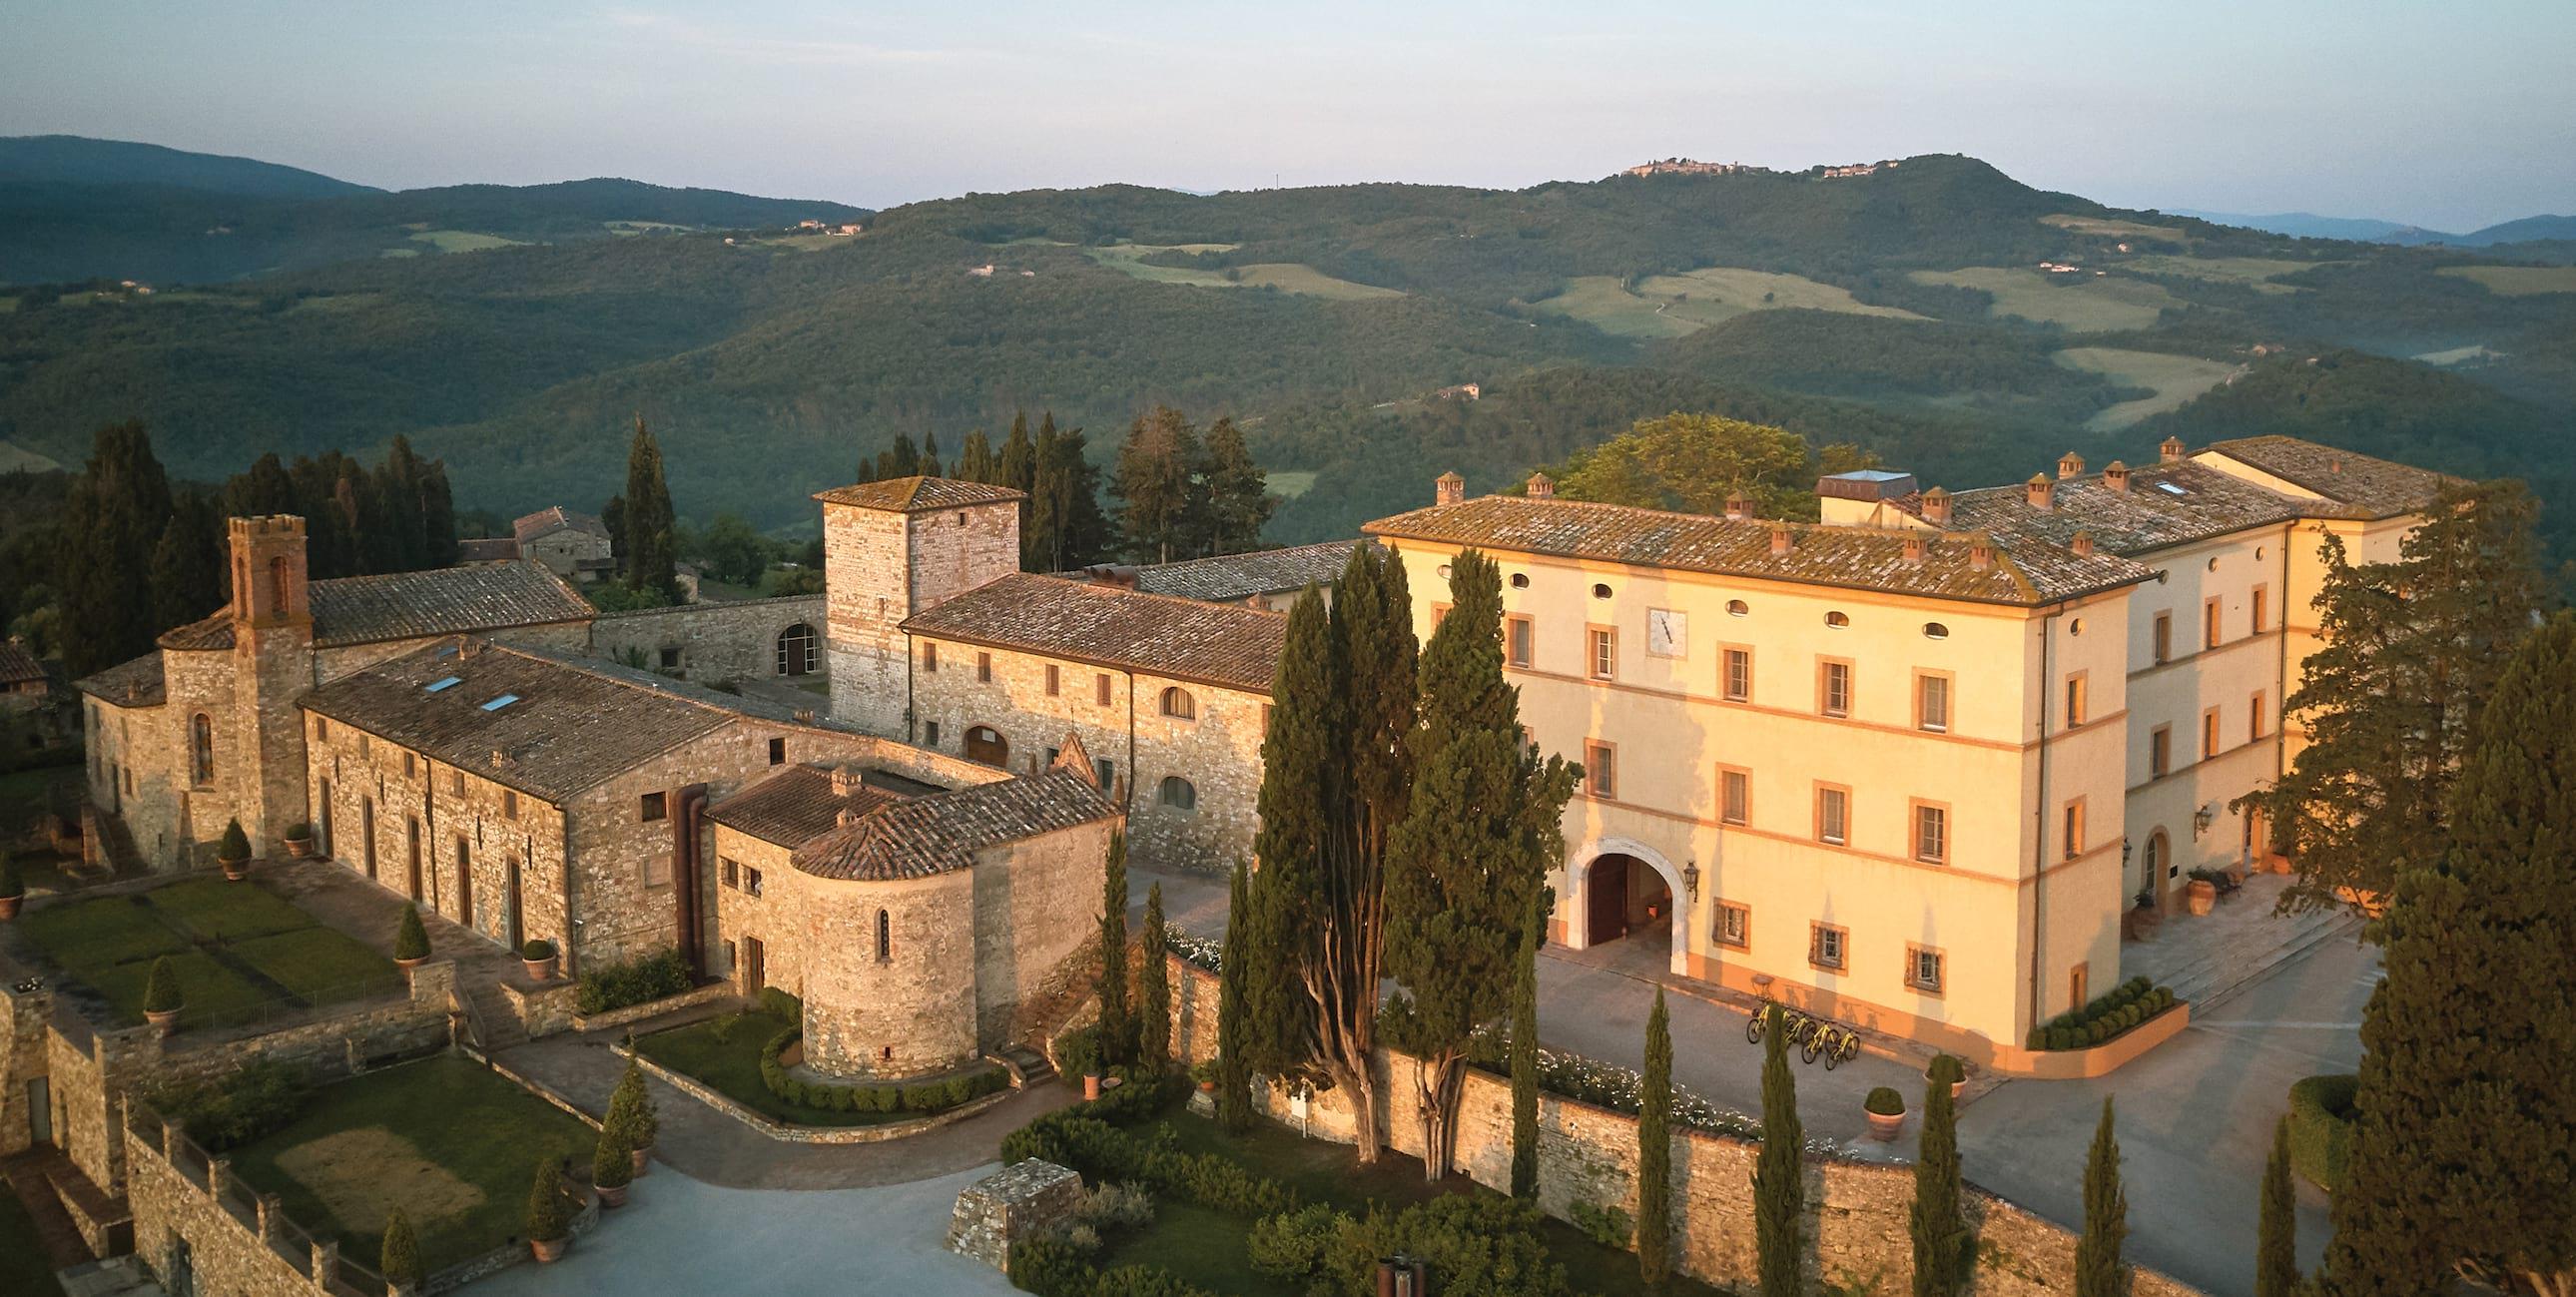 Belmond Castello di Casole CasoledElsa Italy